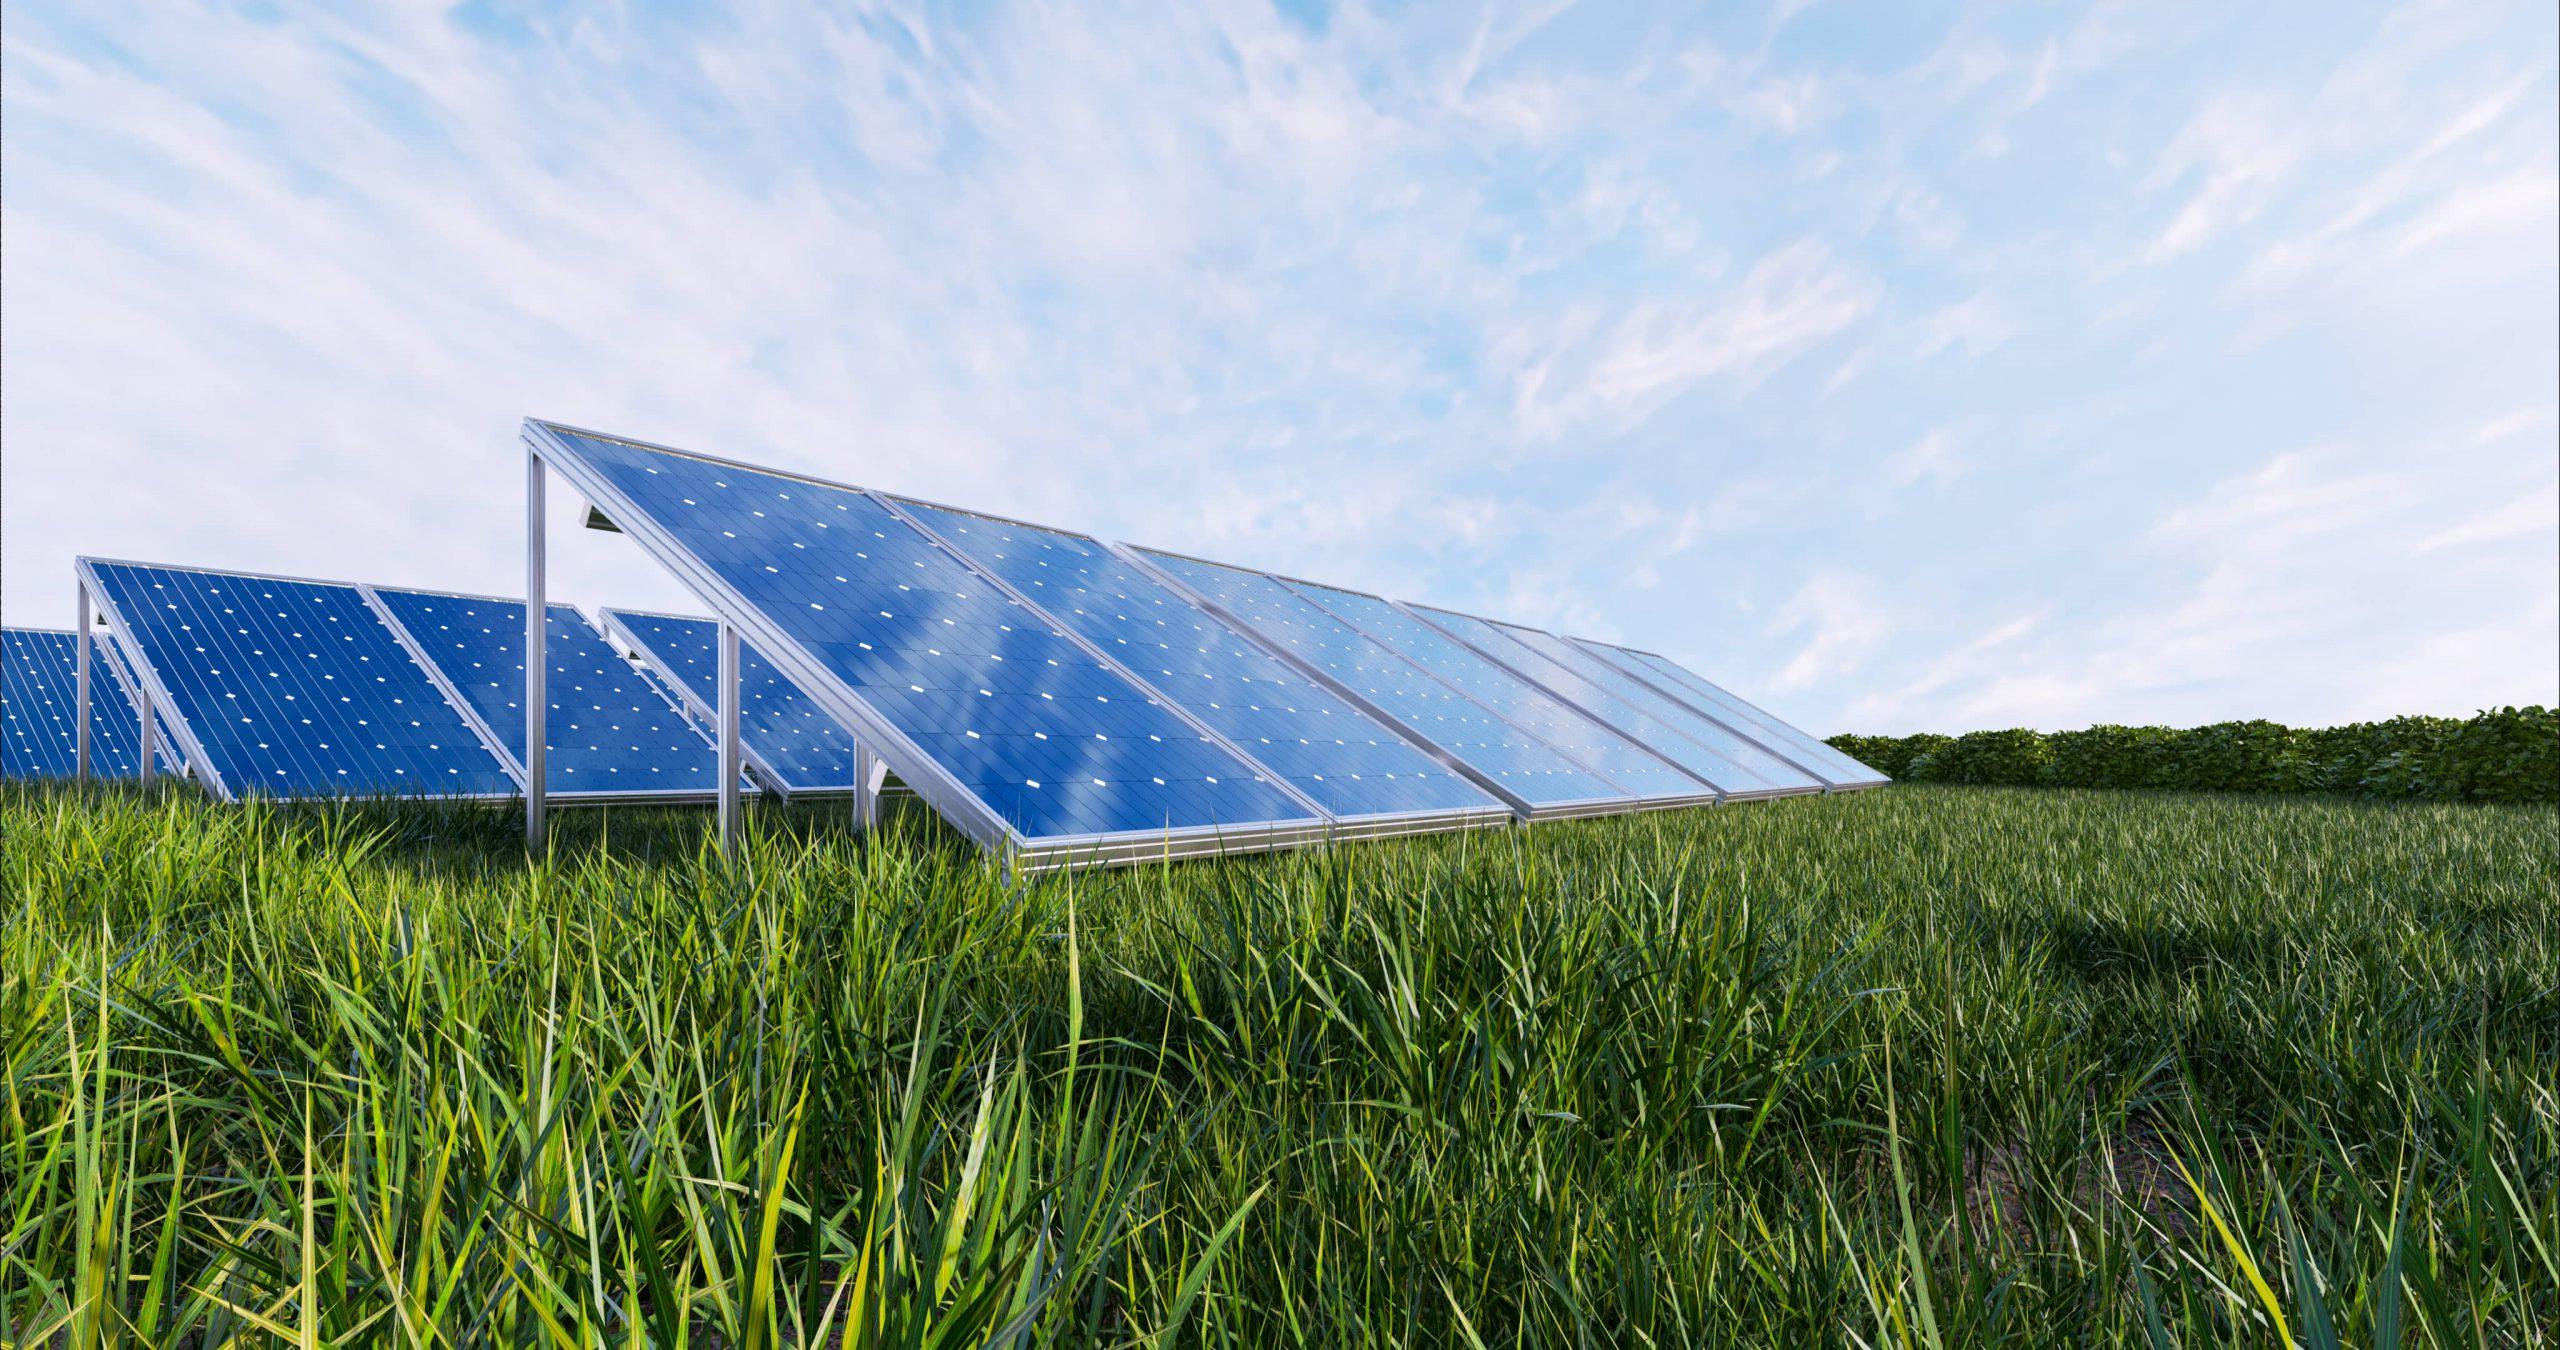 Apoyo visual placas solares